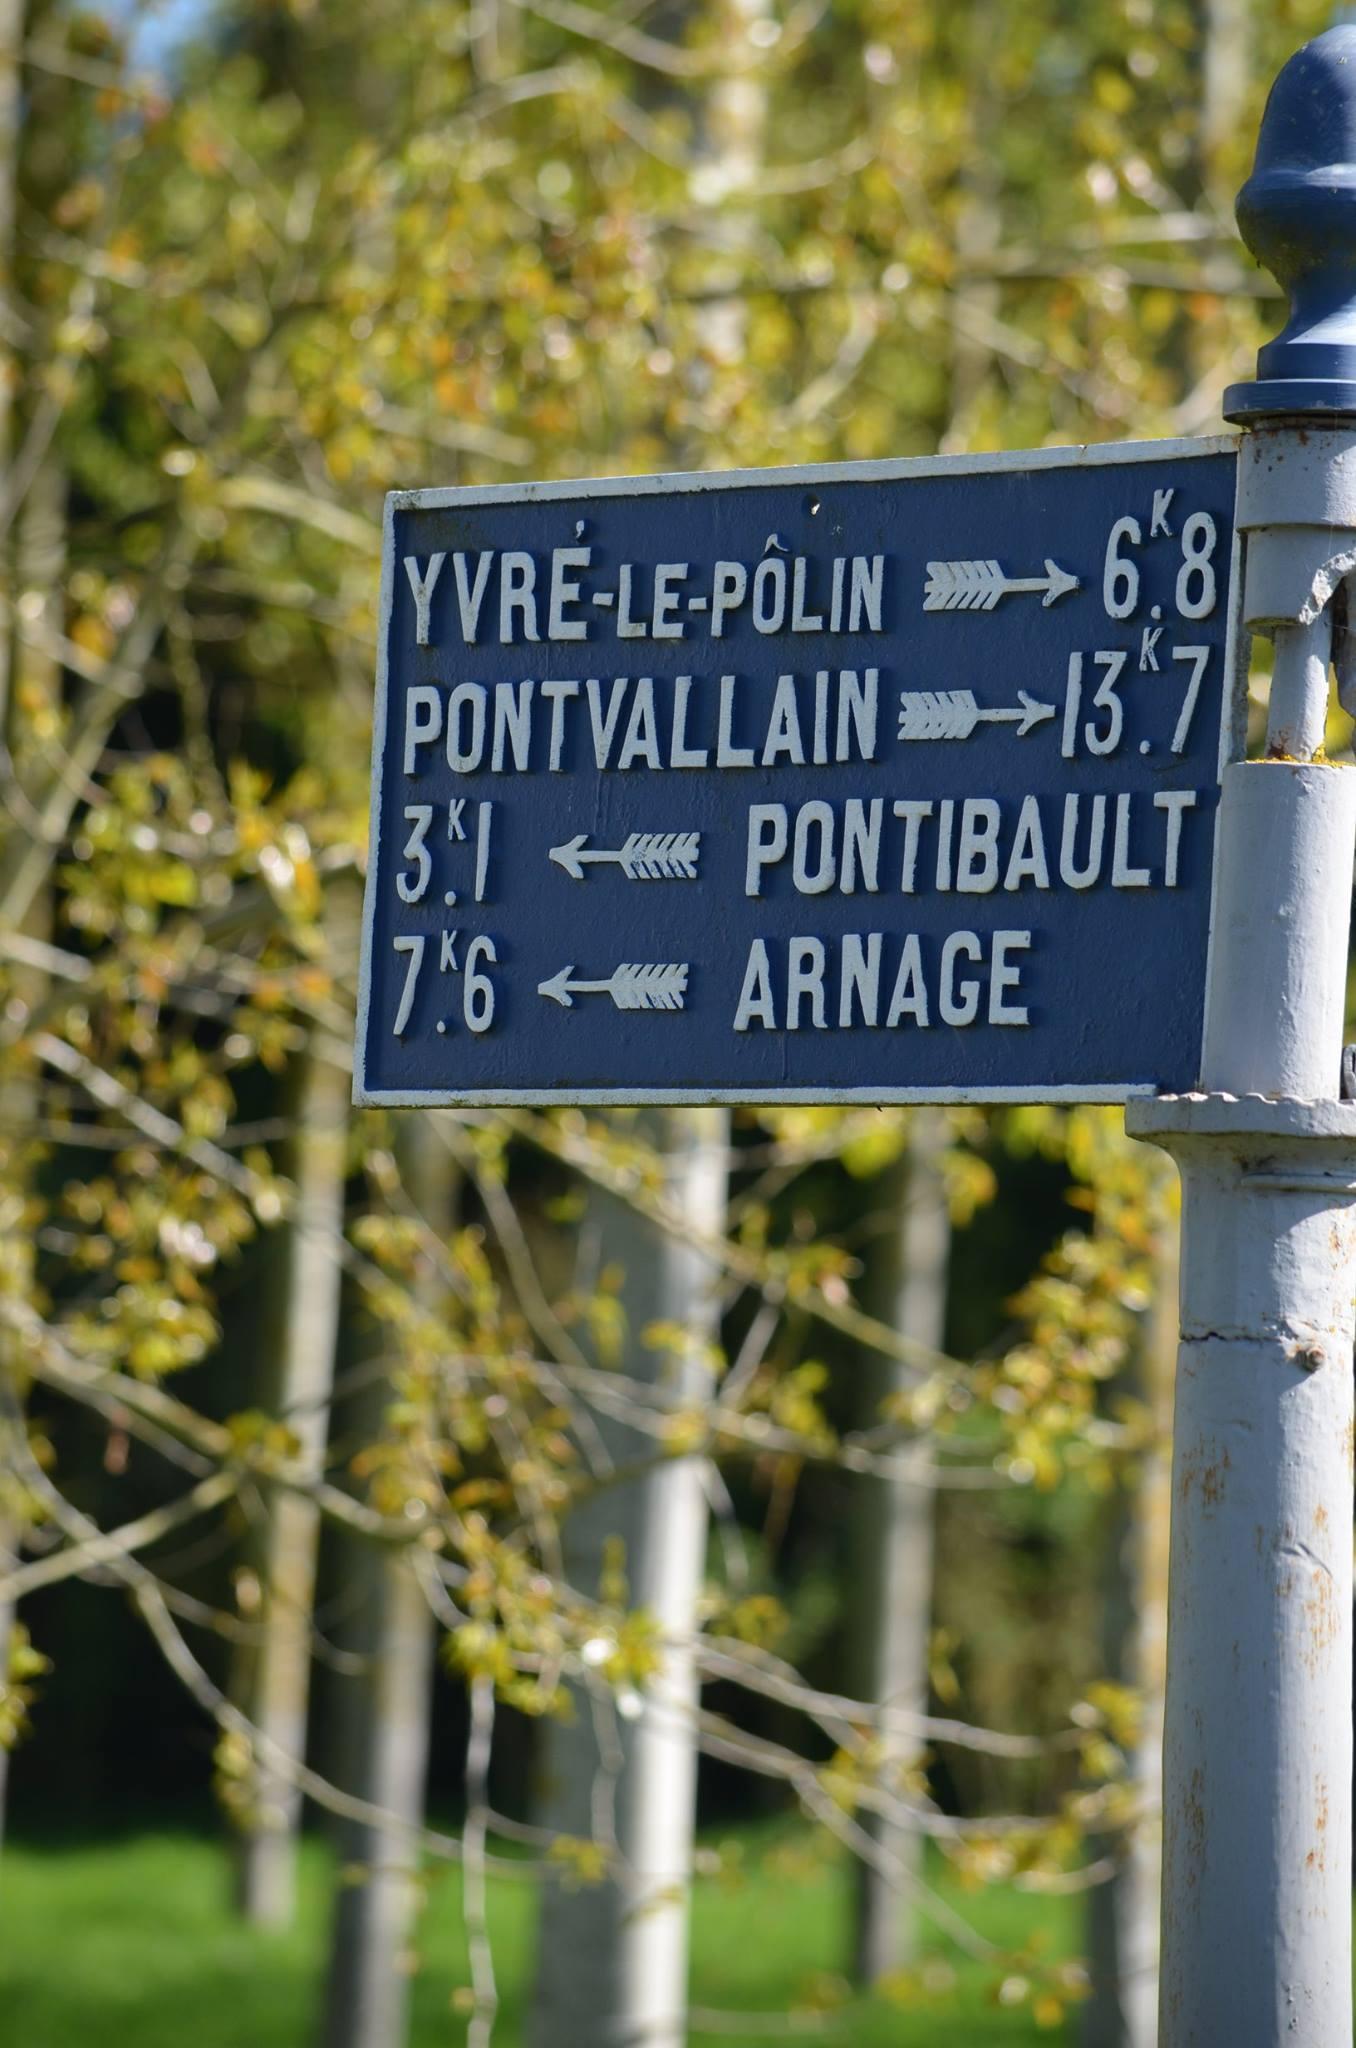 Moncé en Belin, près de la route de la Claverie - Plaque de cocher - Yvré le Pôlin - Pontvallain - Pontibault - Arnage (San Doni)